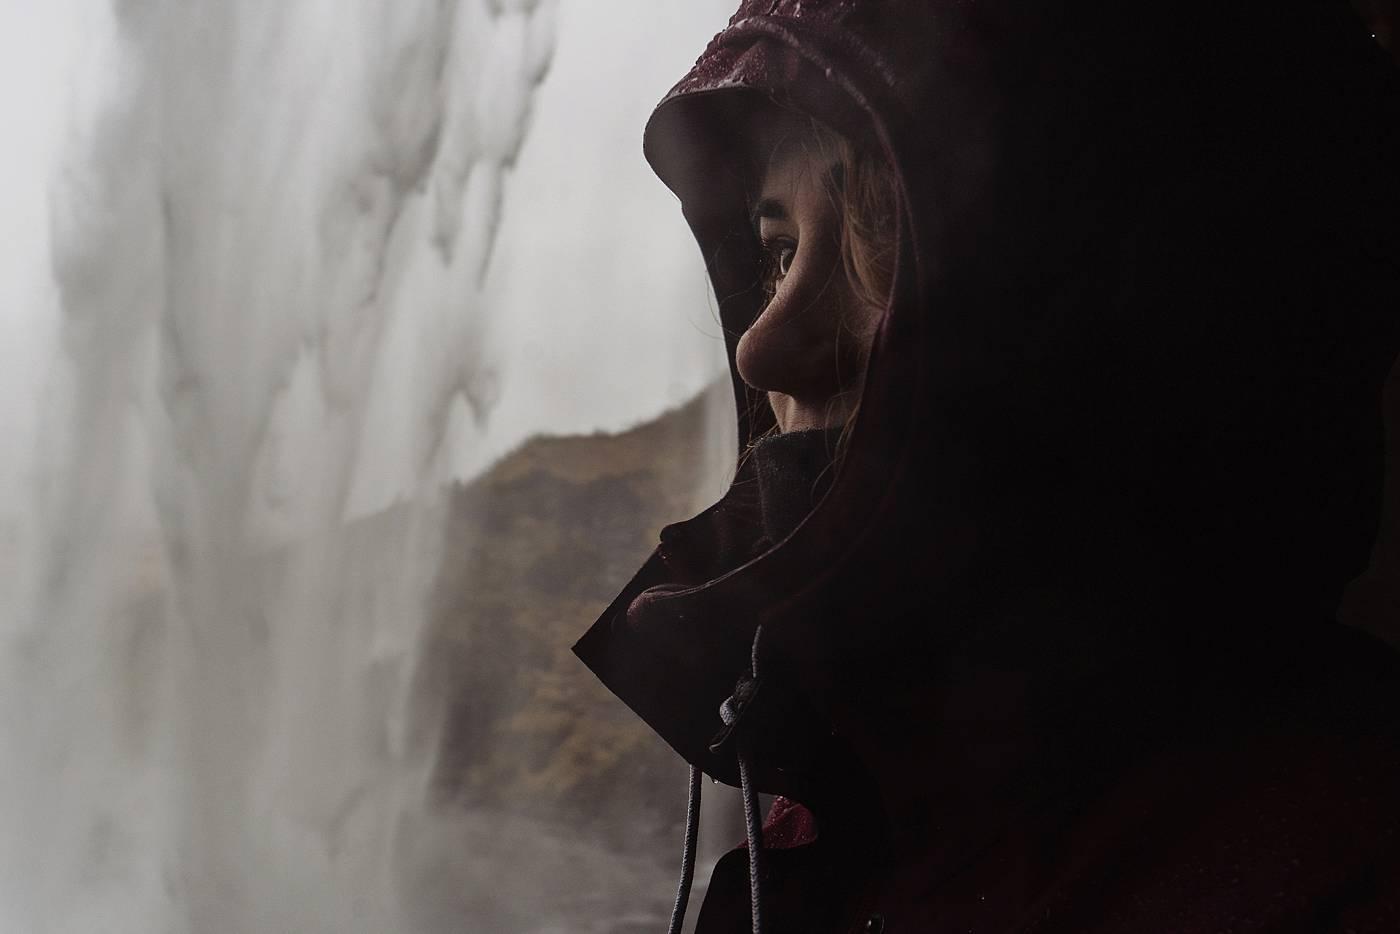 RUUDC Fotografie, rondreis IJsland, rondreis Golden Circe, golden circle bezienswaardigheden, golden circle waterval, geysir, geiser, waterval IJsland, Svartifoss waterval, Seljalandsfoss waterval, Gljúfrafoss waterval, Skogafoss waterval, jokulsarlon, ijsland gletsjermeer, rondreis IJsland week, 1 week in ijsland, een week in ijsland, reisfotografie ijsland, ijsland natuur, ijsland landschap, roadtrip ijsland, road trip ijsland, fotografiereis ijsland, destination wedding fotograaf, verloving ijsland, verlovingsshoot ijsland, blue lagoon ijsland, iceland